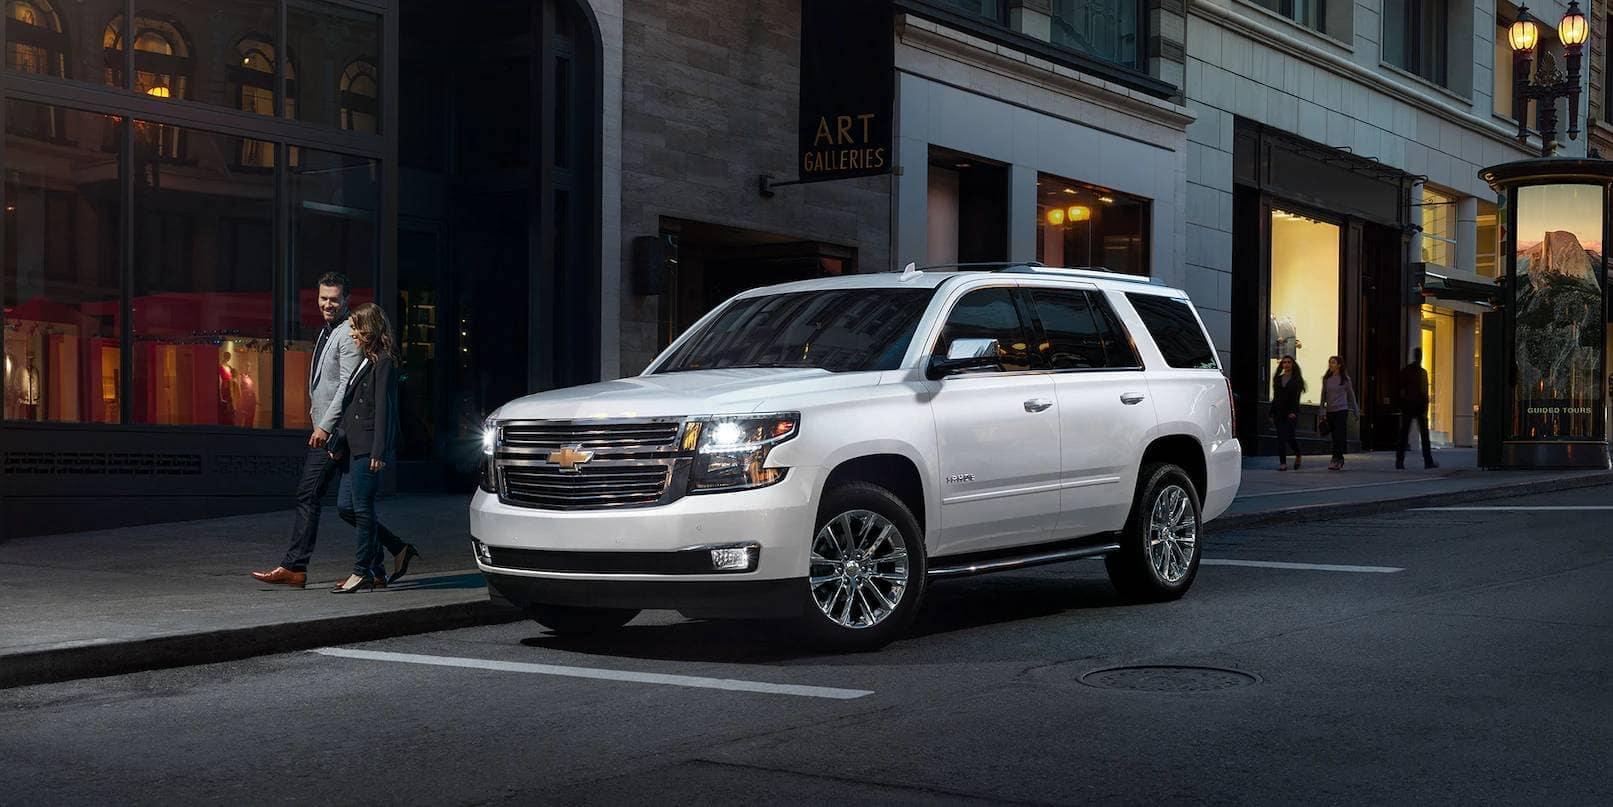 2019 Chevrolet Tahoe in parking space